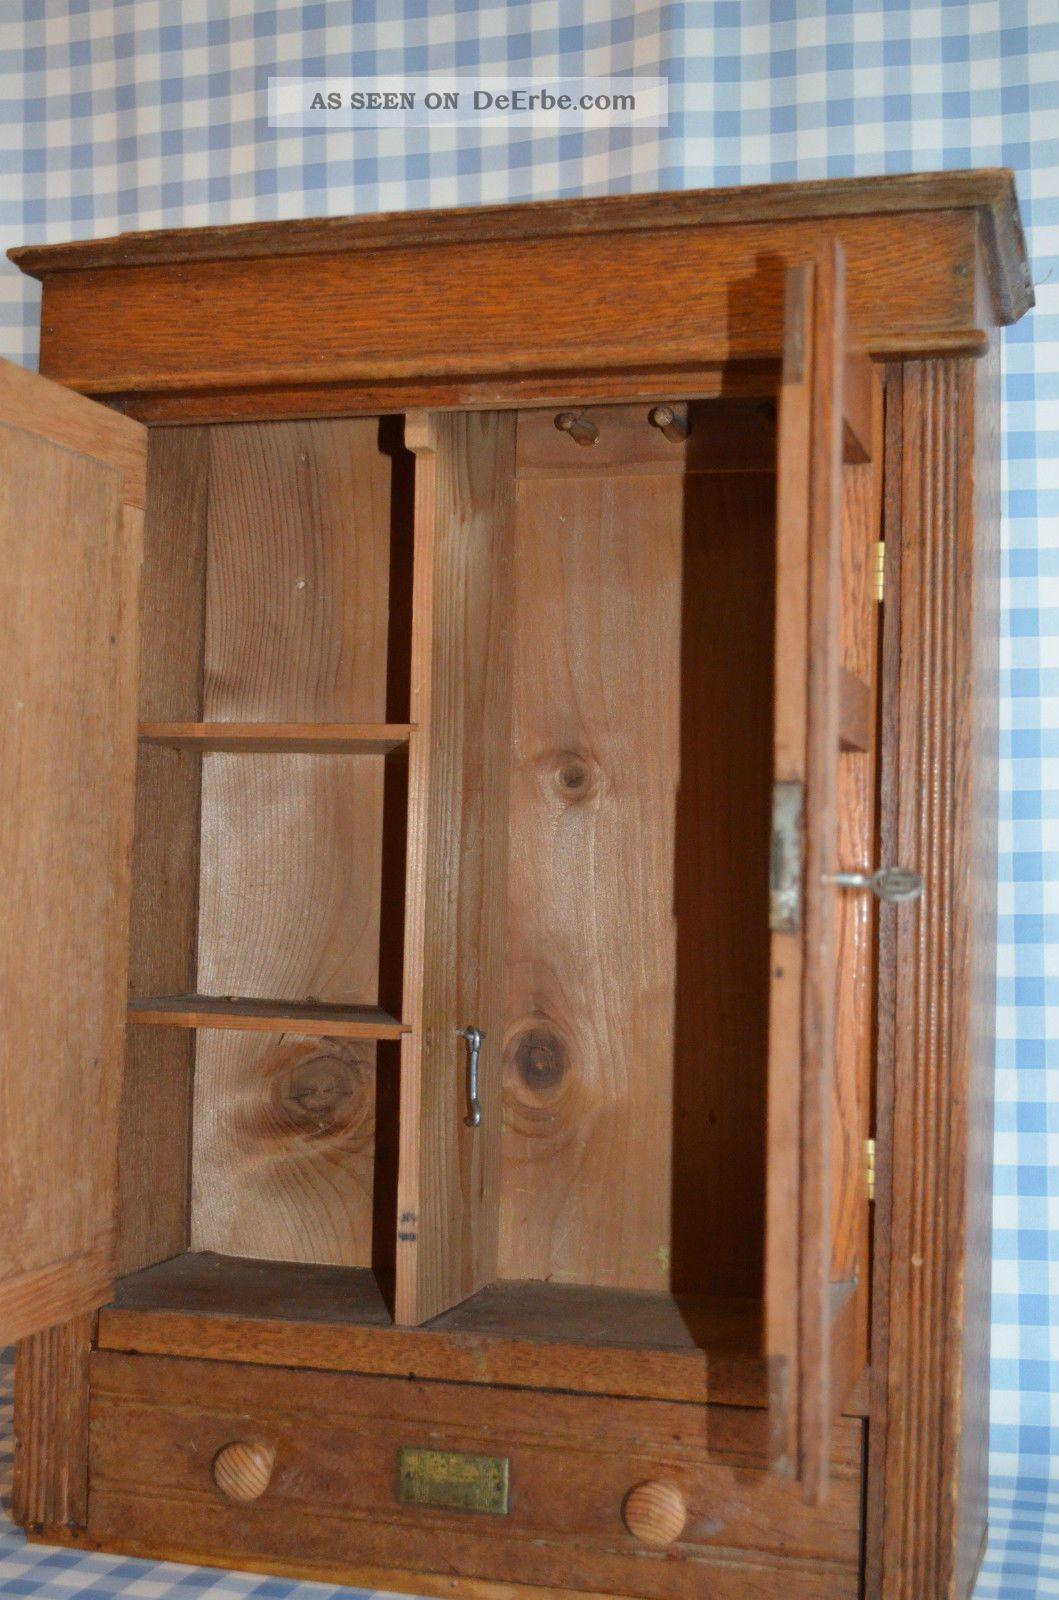 kleiner schrank modellschrank miniaturschrank hausapotheke. Black Bedroom Furniture Sets. Home Design Ideas